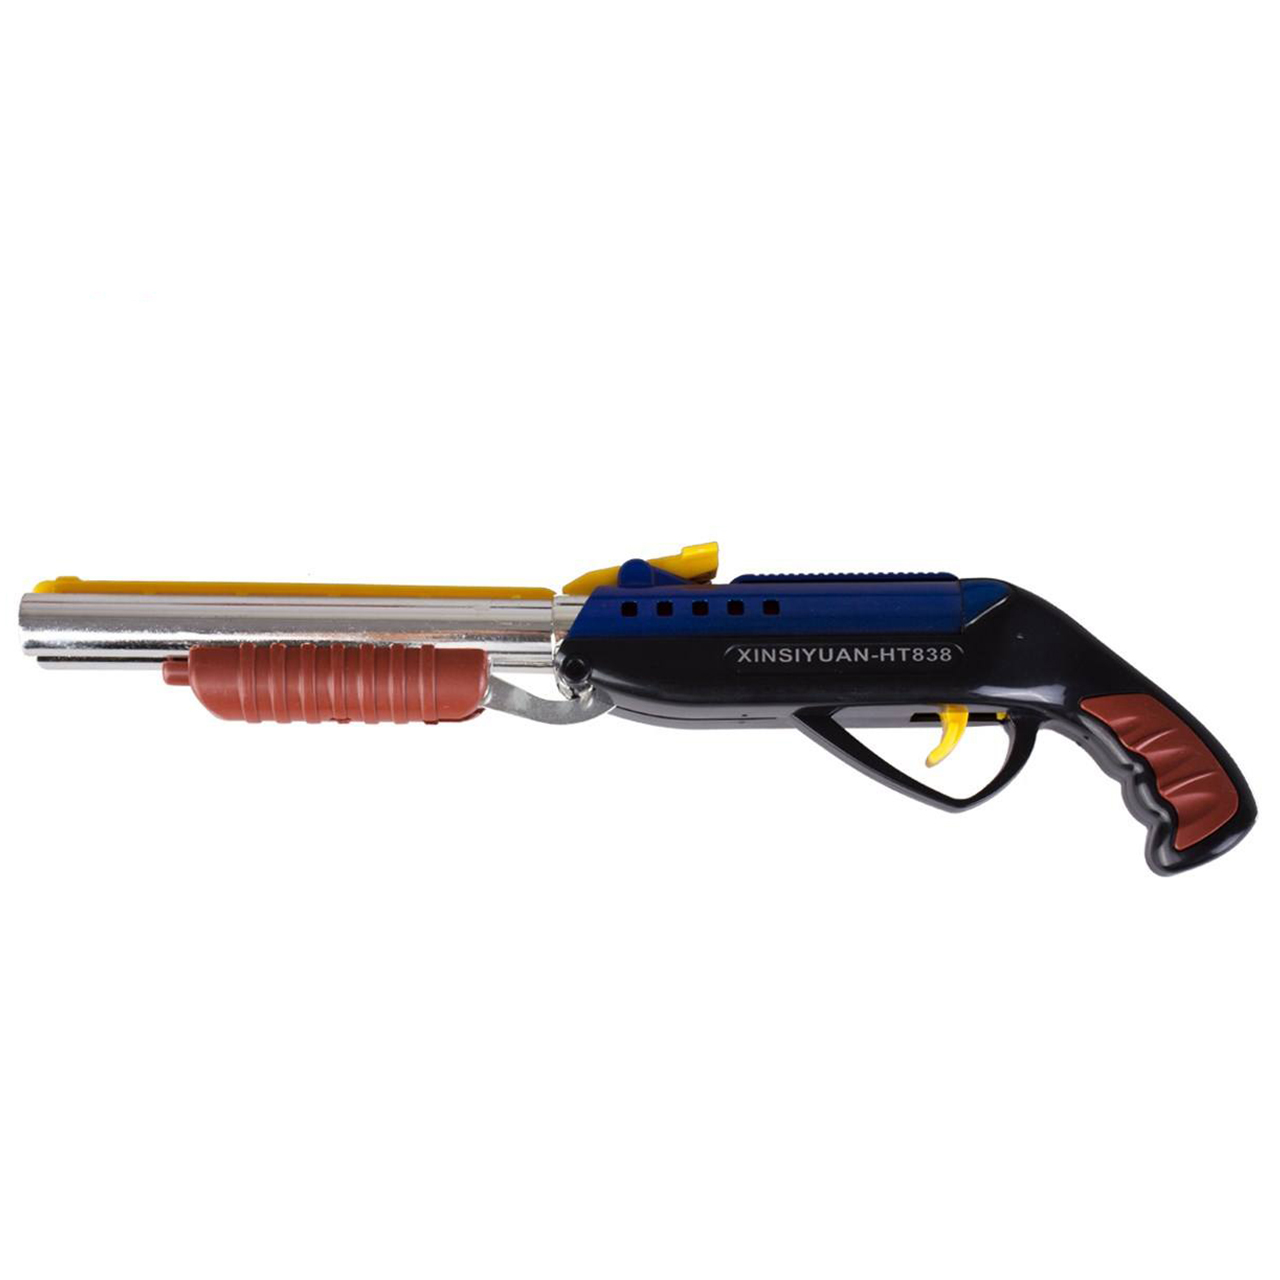 تفنگ بازی طرح وینچستر مدل 2vabi